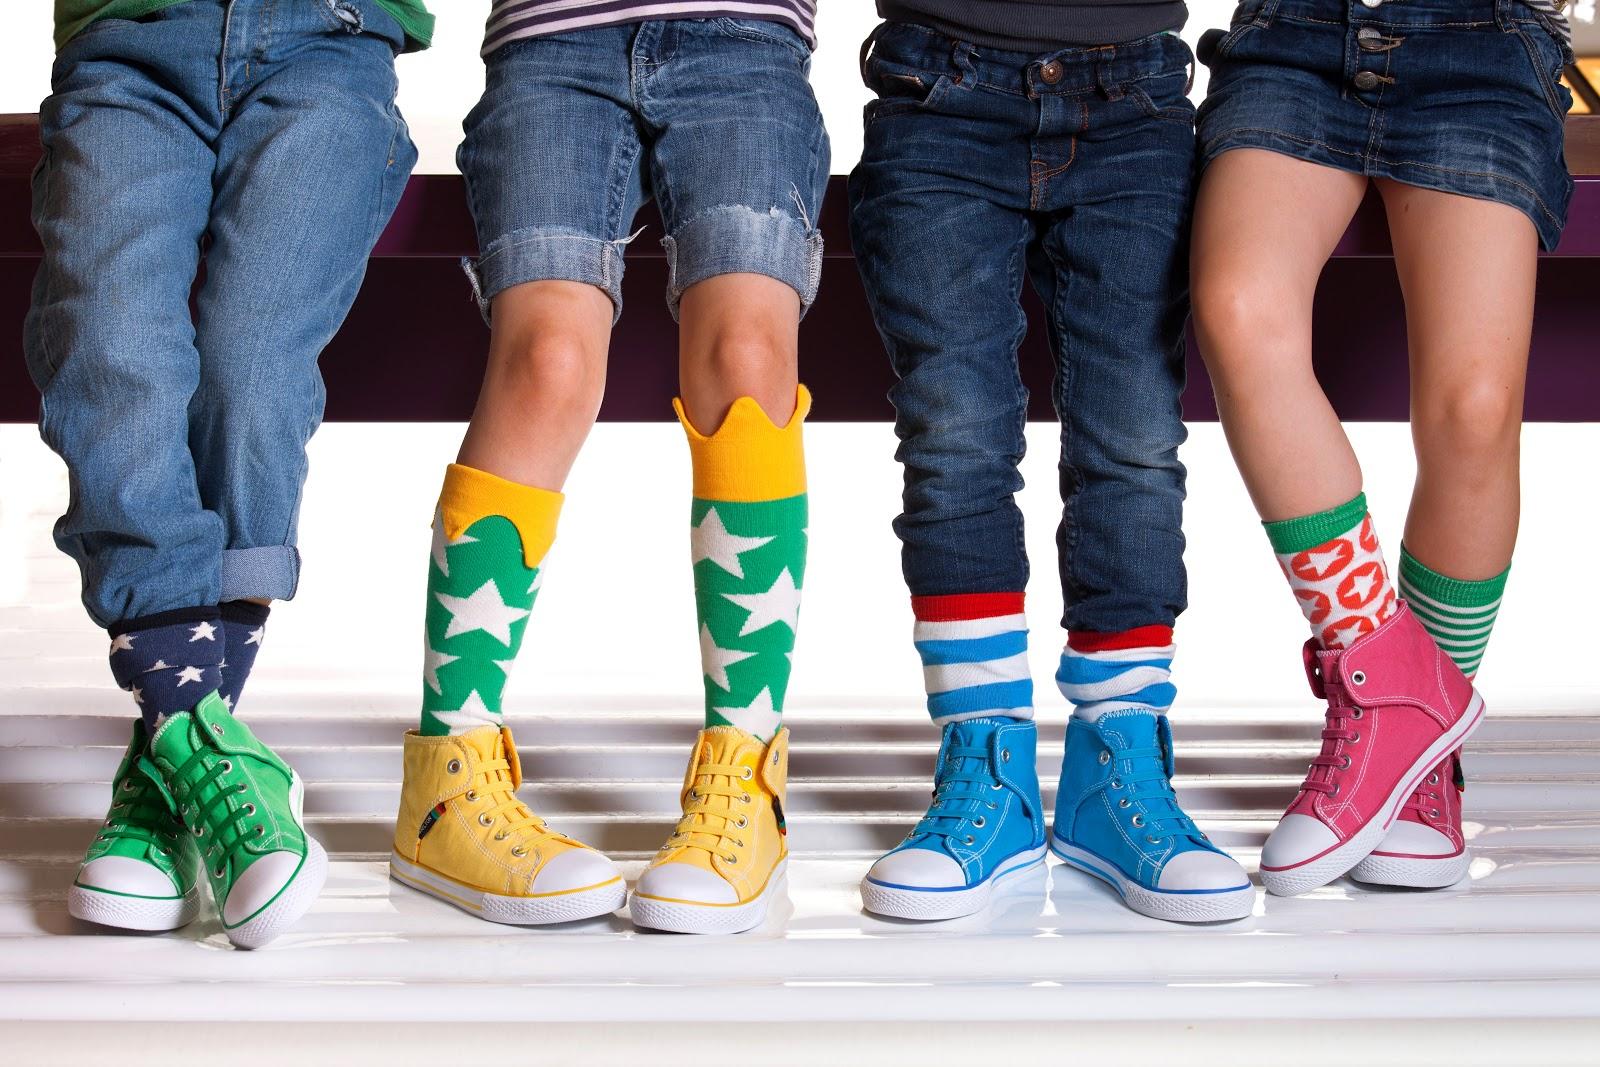 2b011c78 med med as Koldberg sko sokker matchende Kule Tekstil RznUq1wFT